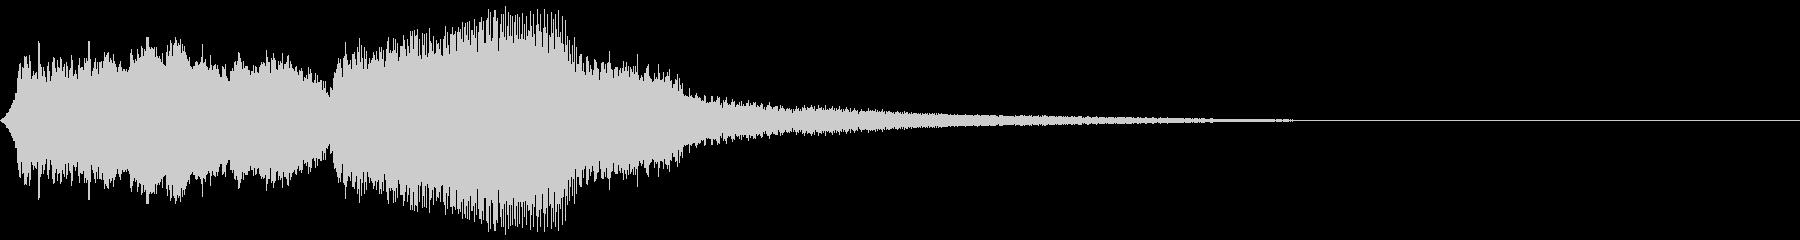 【ホラー】SFX_28 奇妙の未再生の波形